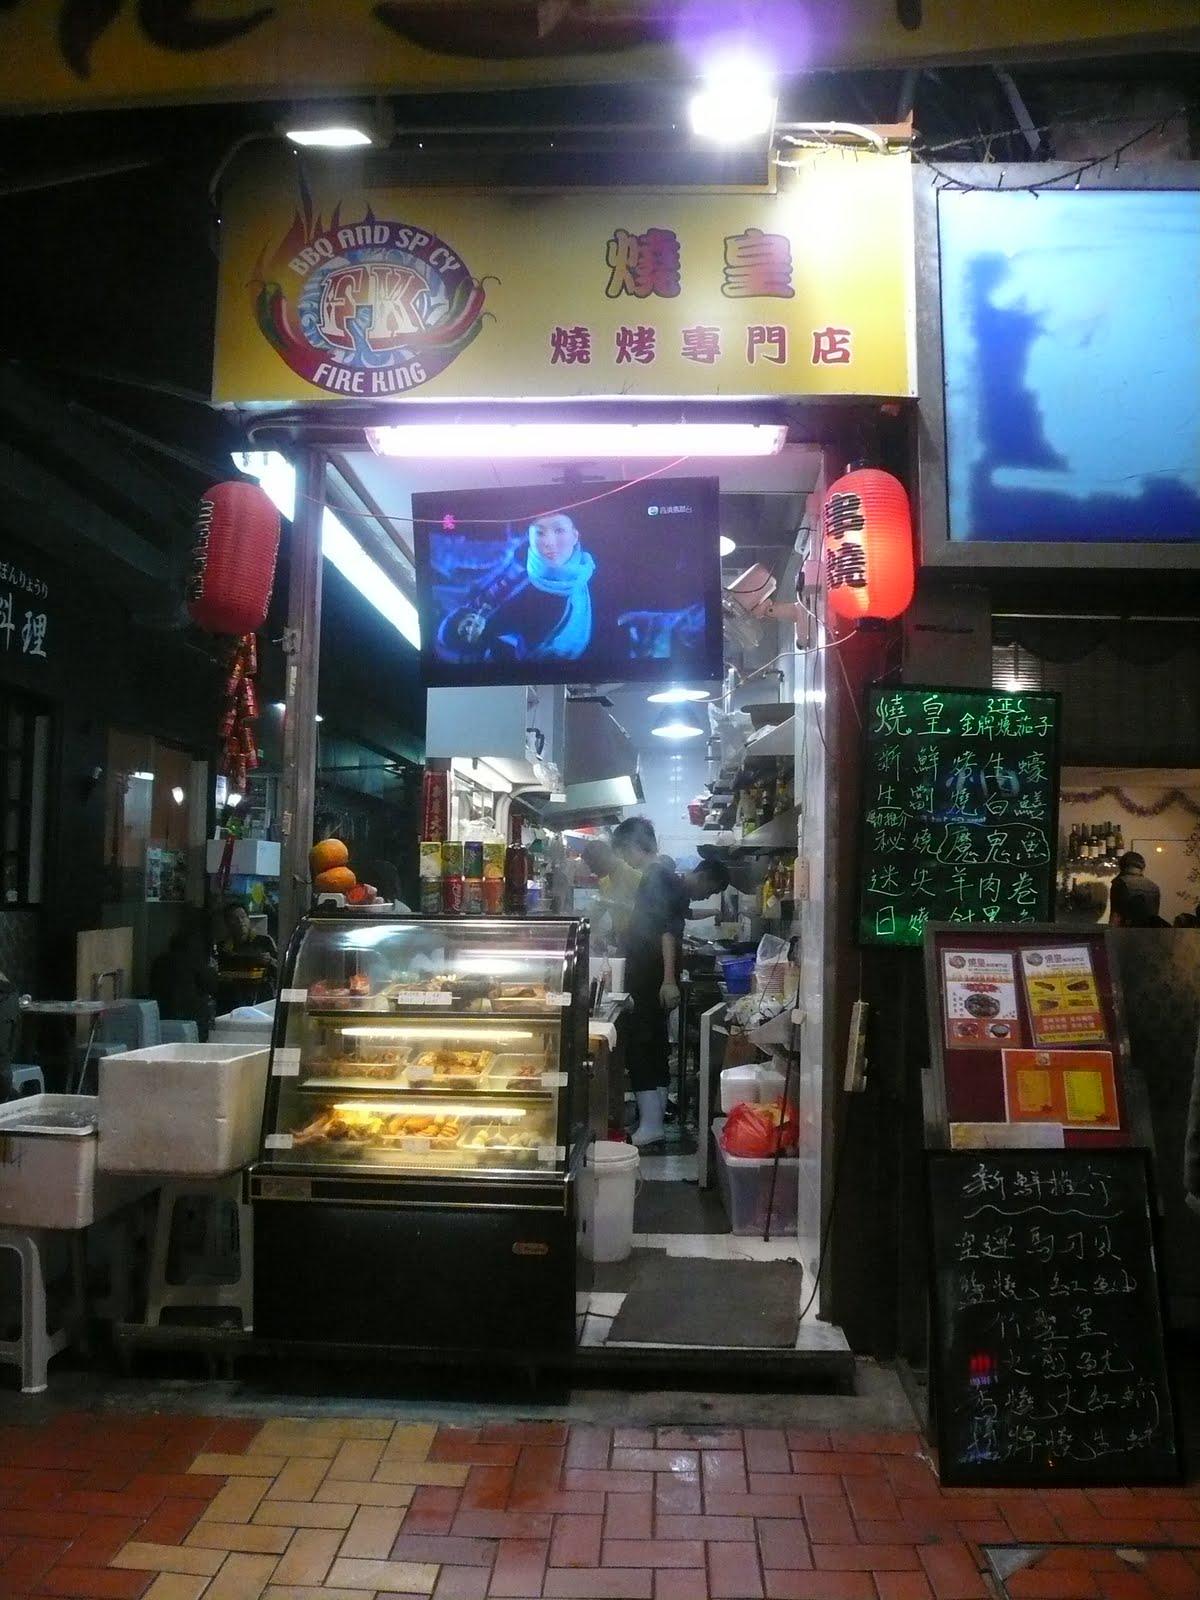 Fabrice 嚐味: 燒皇燒烤專門店 - 荃灣終於有燒烤店